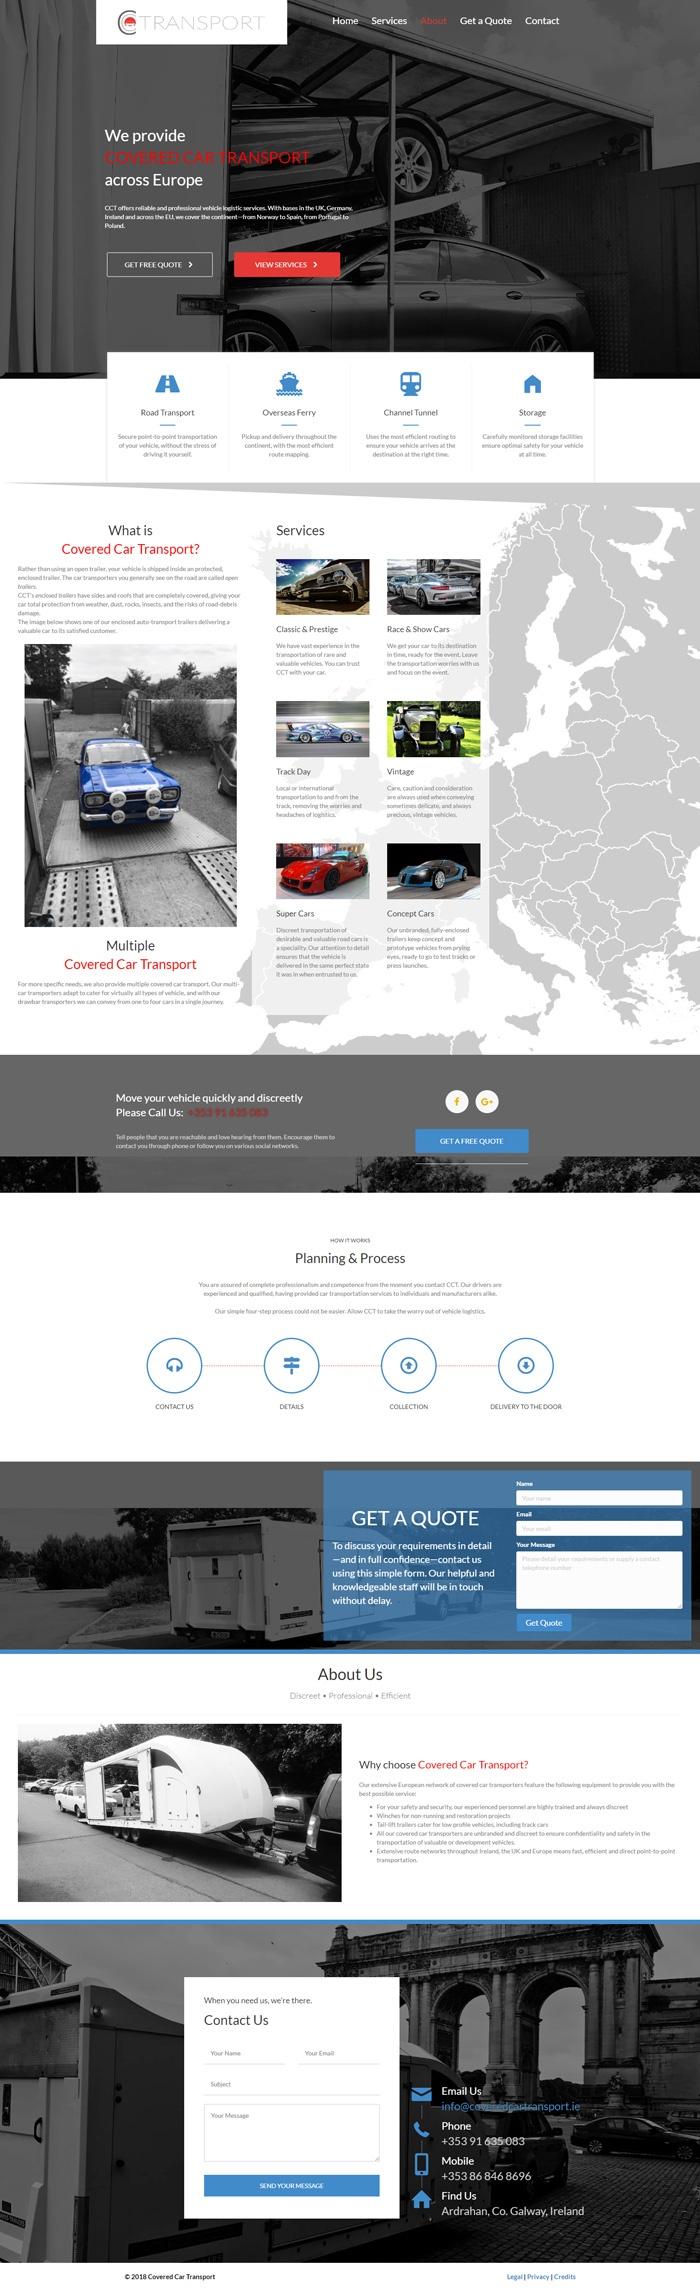 Covered Car Transport Website fullpage